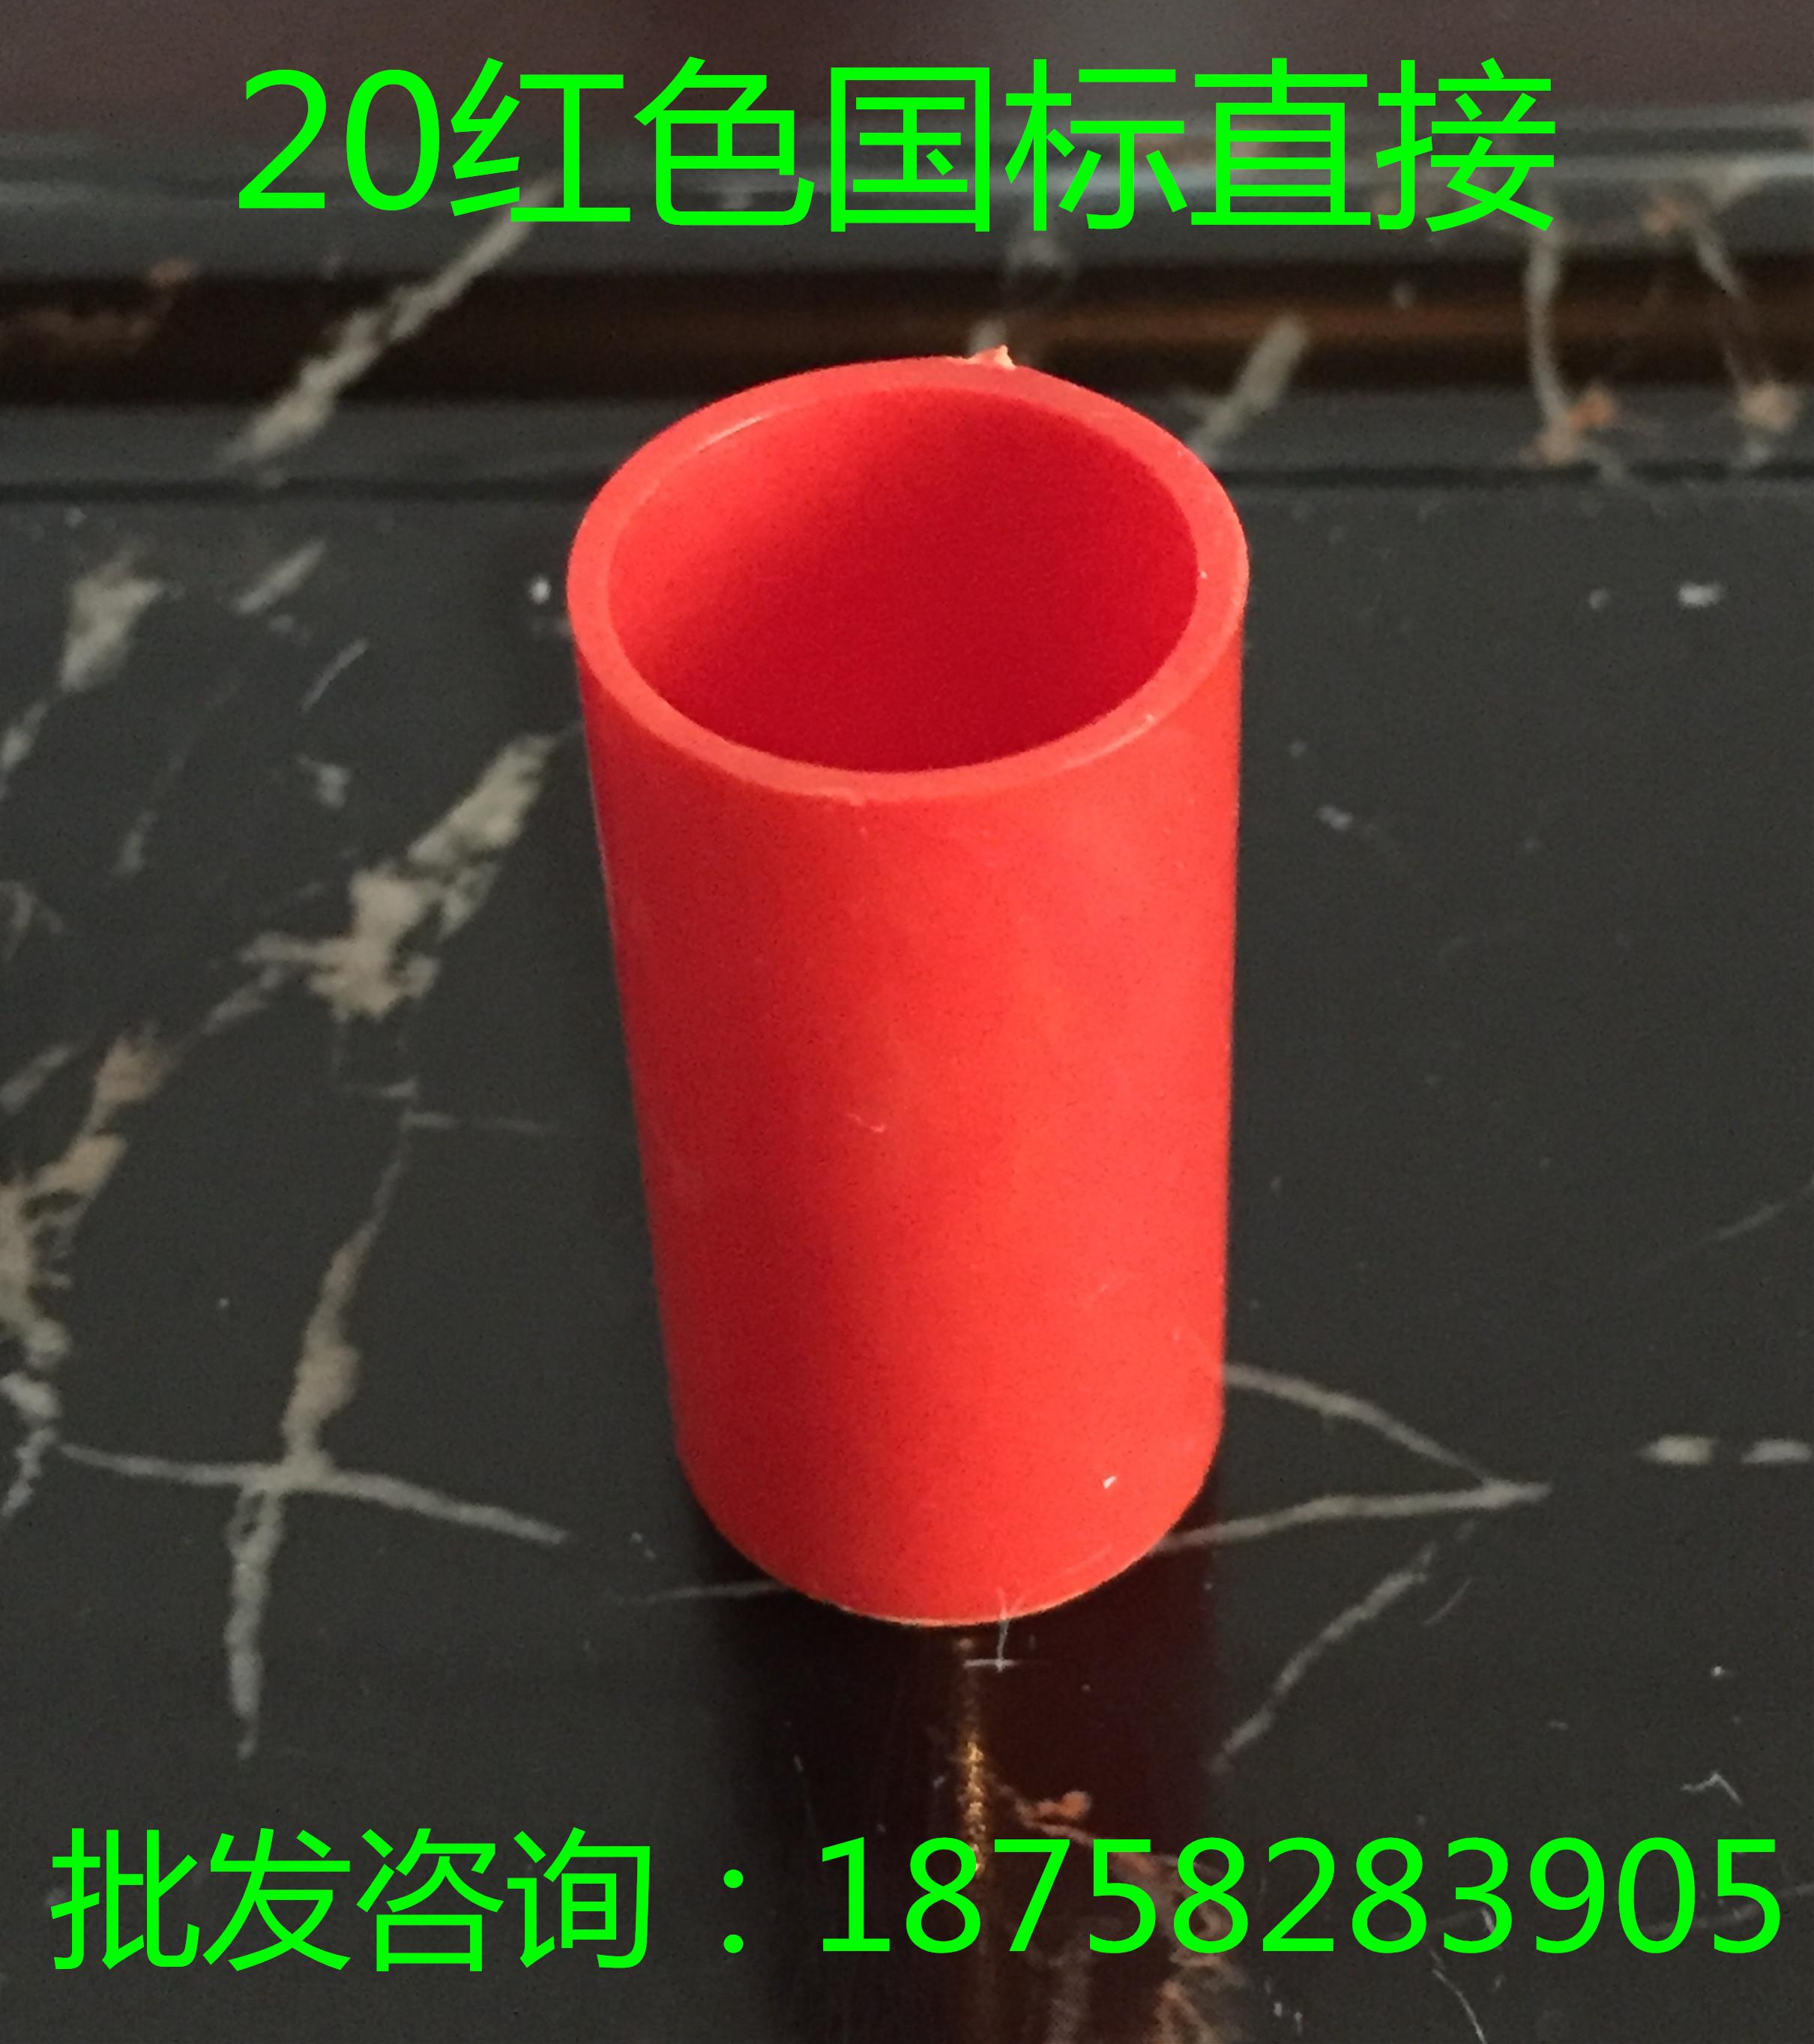 Pvc20mm провод трубка гигабайт красный прямо подключать PVC threading труба red прямой глава 4 филиал